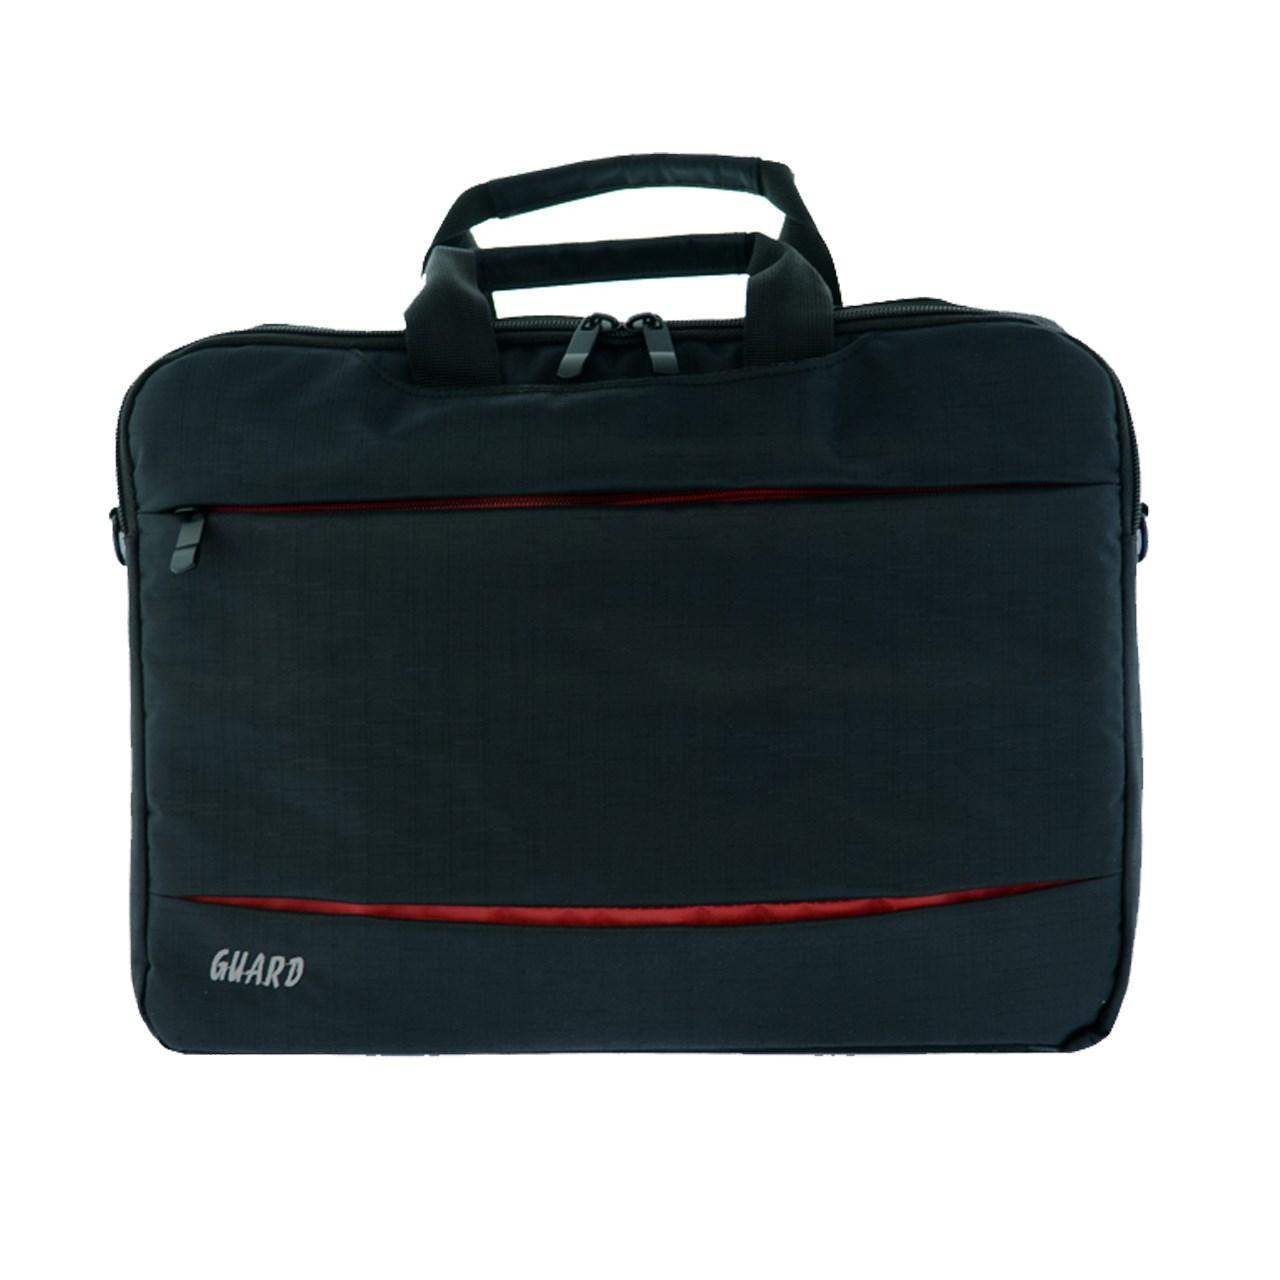 کیف لپ تاپ گارد مدل 117 مناسب برای لپ تاپ 15 اینچی